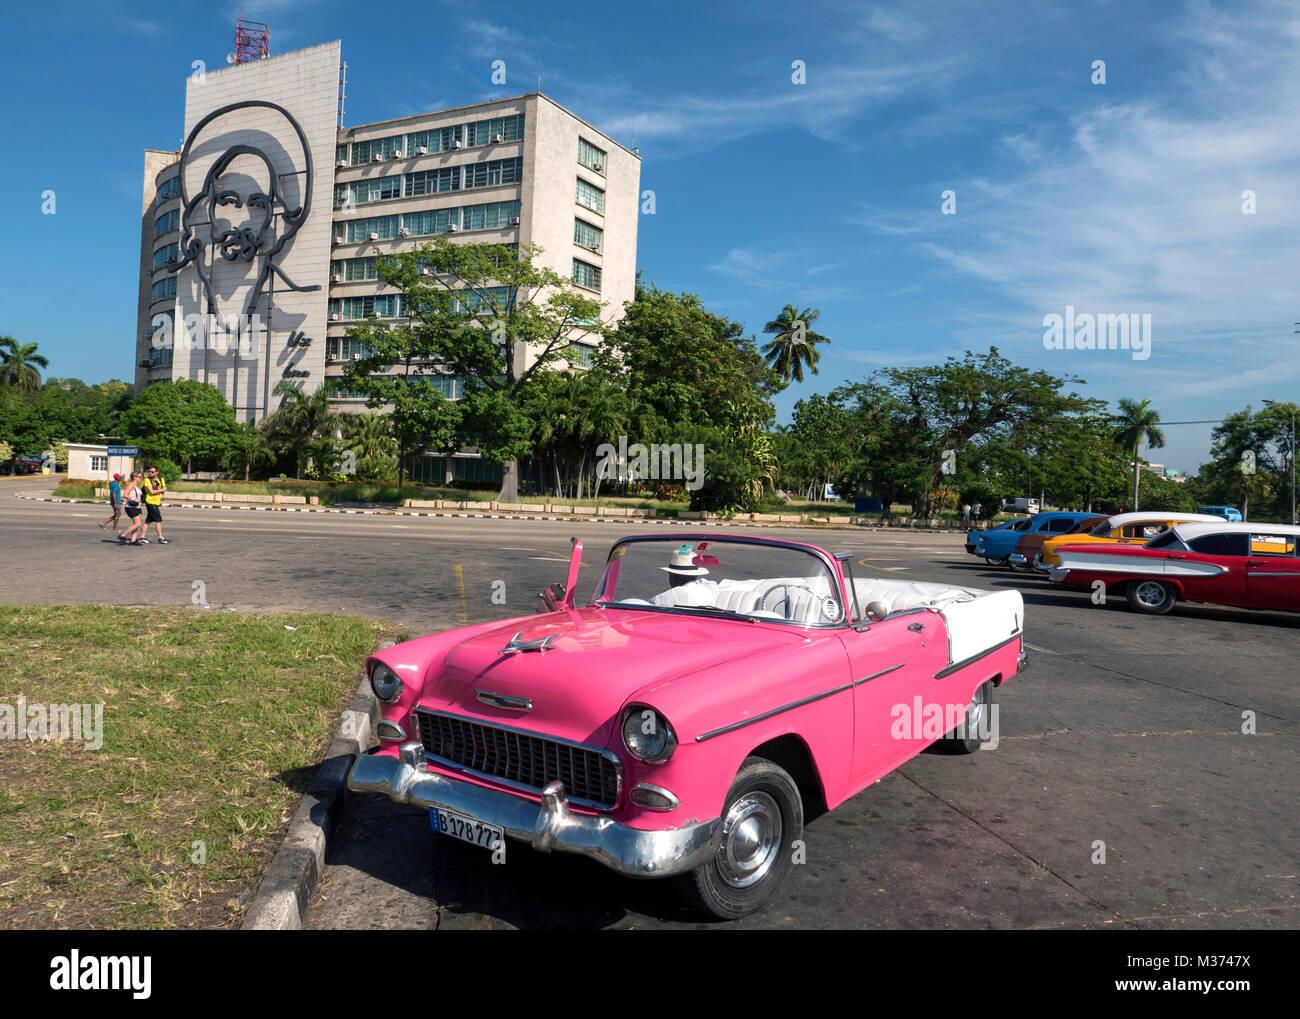 Ann Arbor Chevrolet >> 1955 Chevrolet Bel Air Stock Photos & 1955 Chevrolet Bel Air Stock Images - Alamy